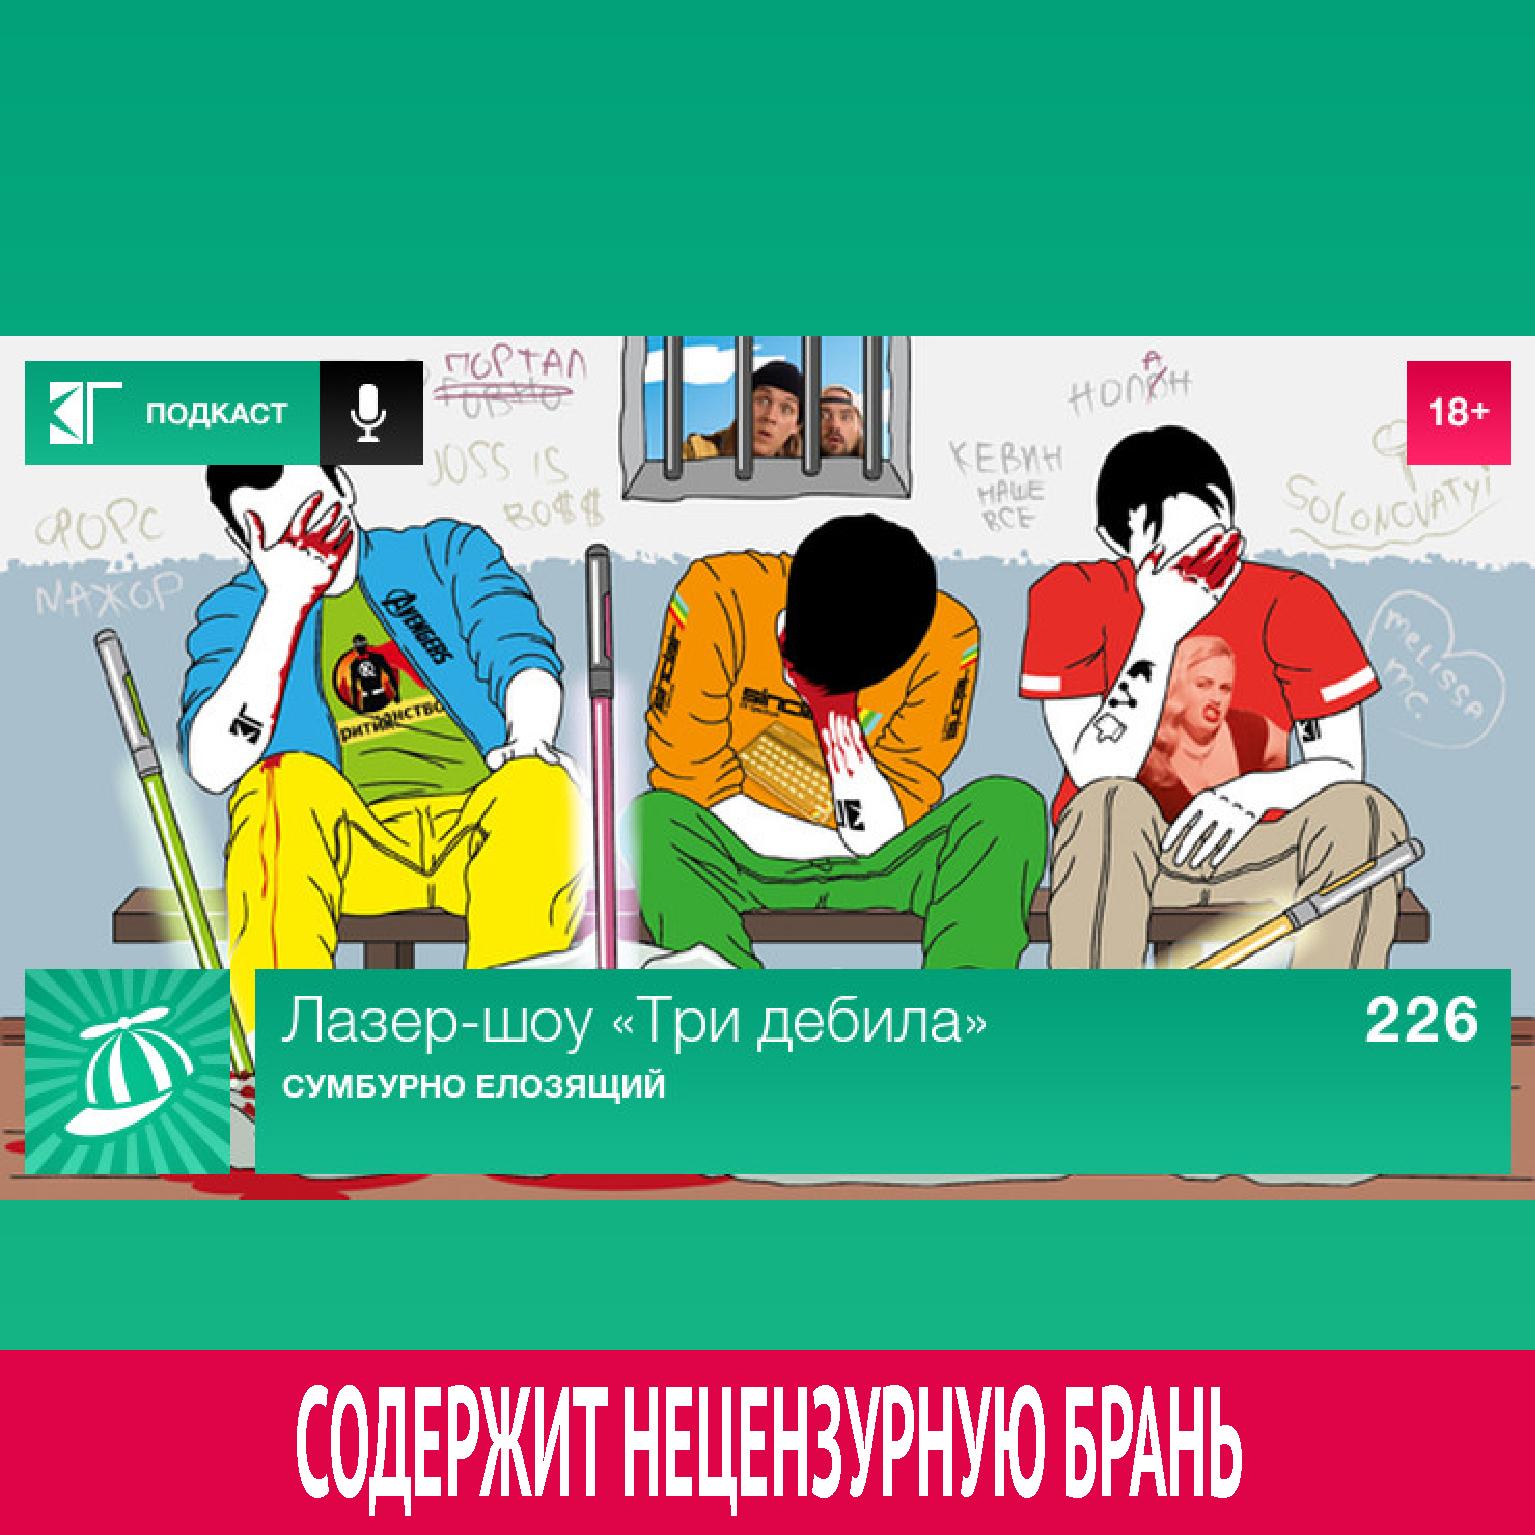 Михаил Судаков Выпуск 226: Сумбурно елозящий цены онлайн